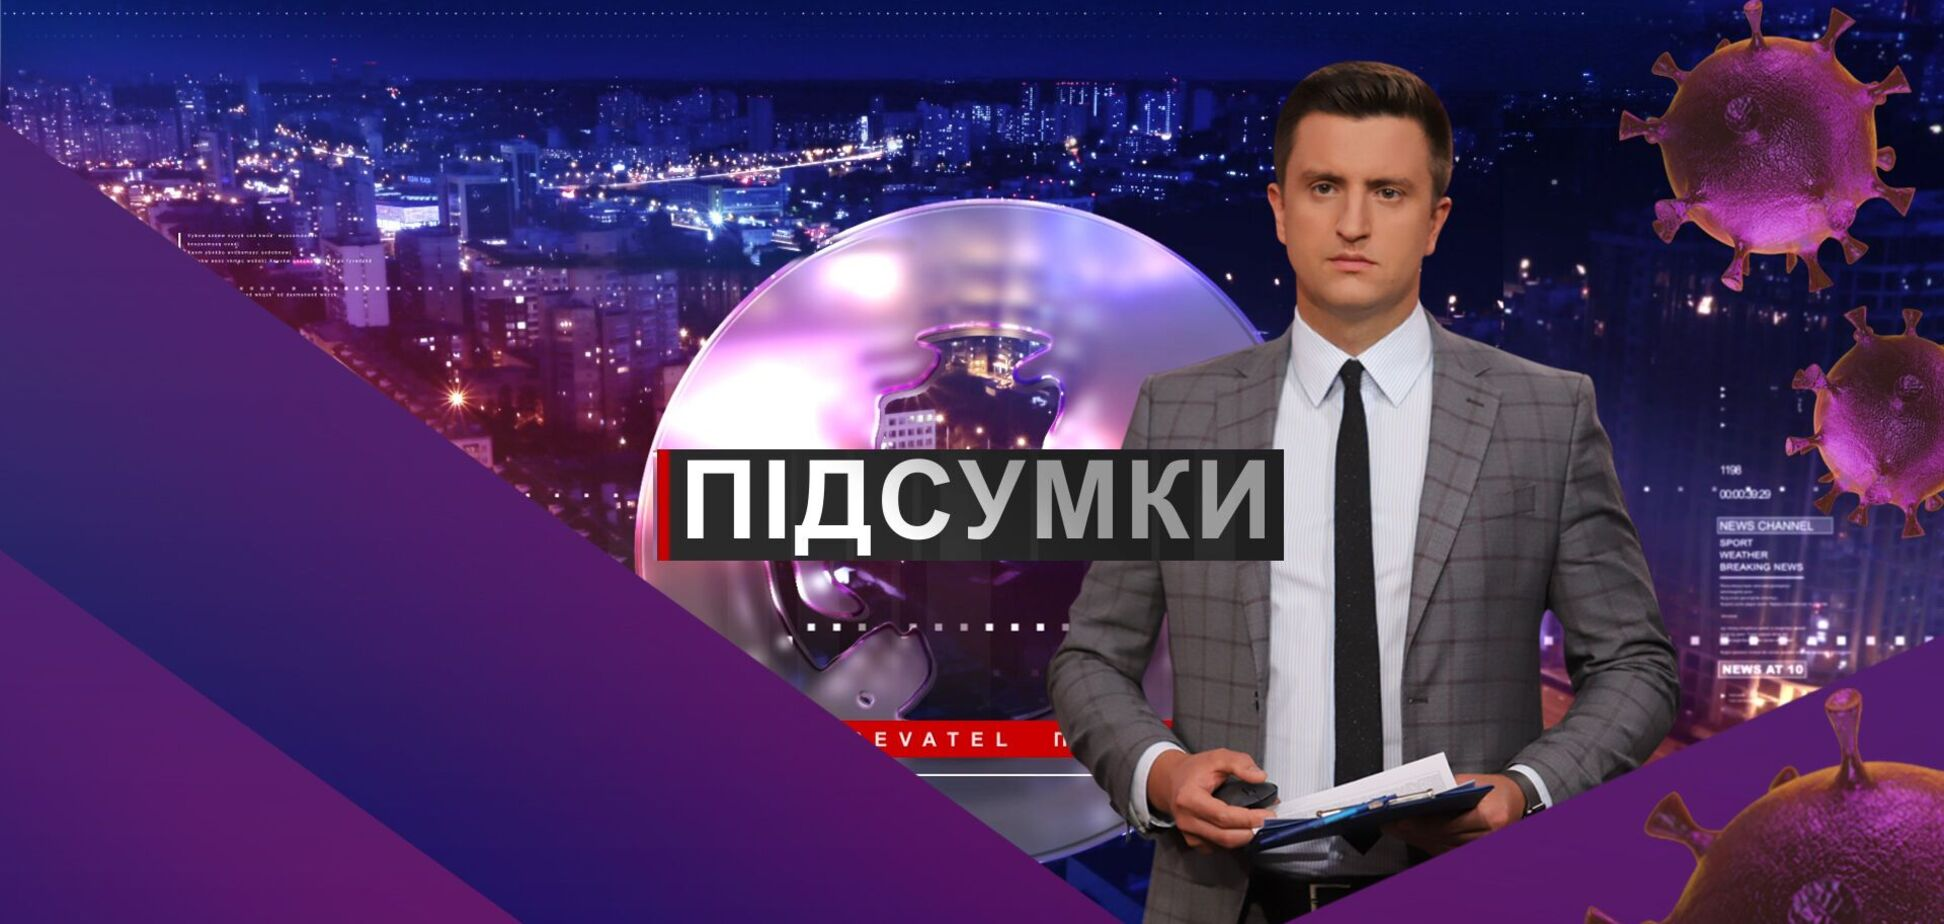 Підсумки дня з Вадимом Колодійчуком. Понеділок, 11 січня